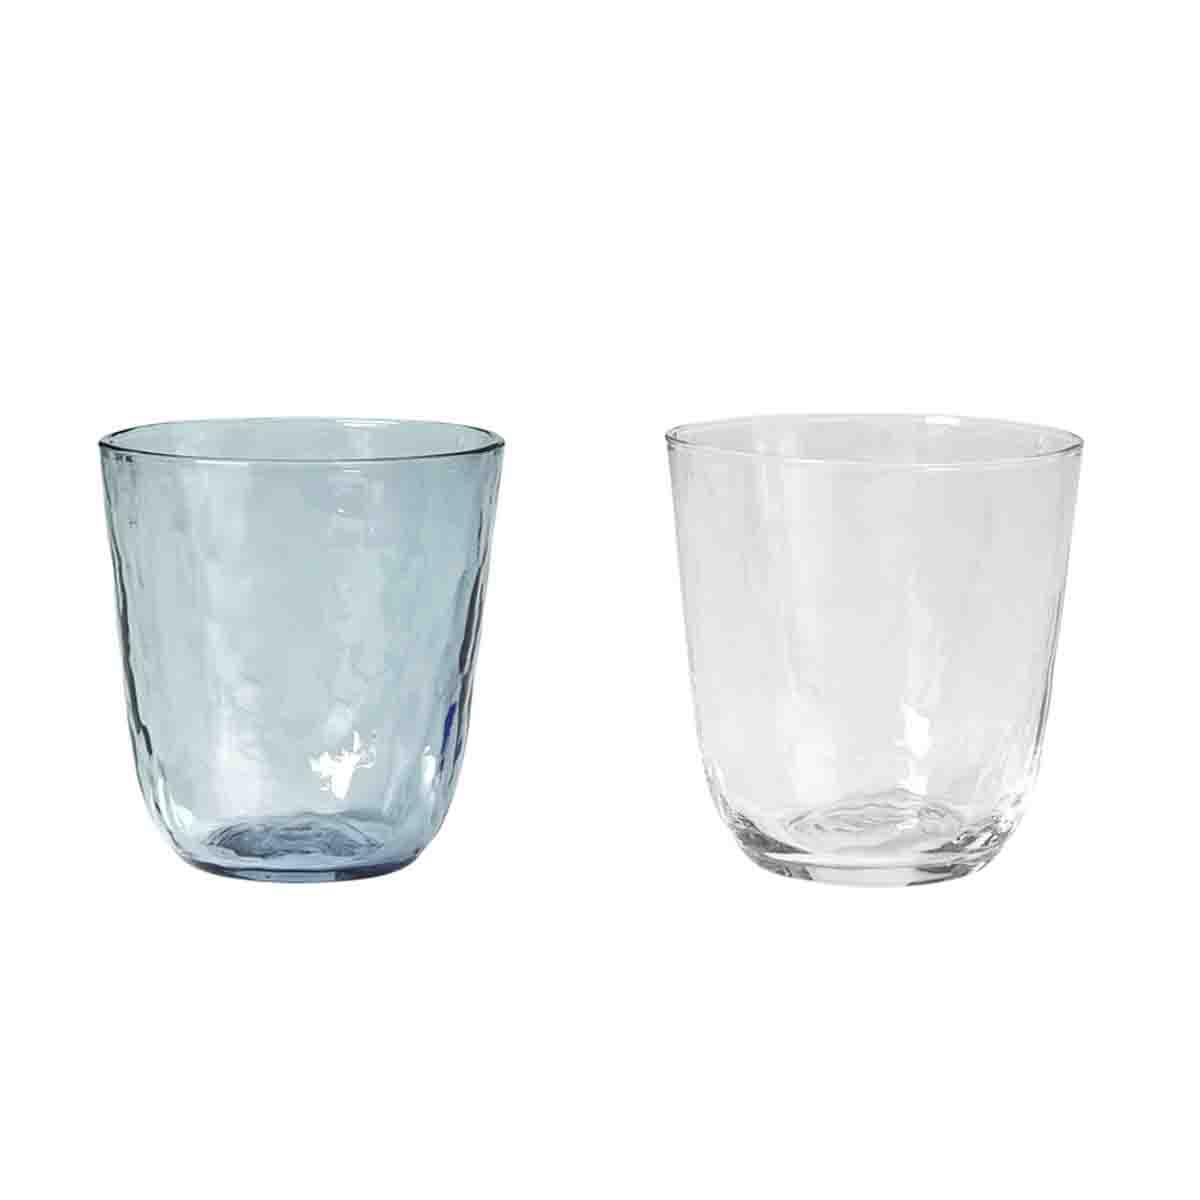 Image of   Broste Copenhagen Hammered glas - 2 stk mix farver - 33 CL